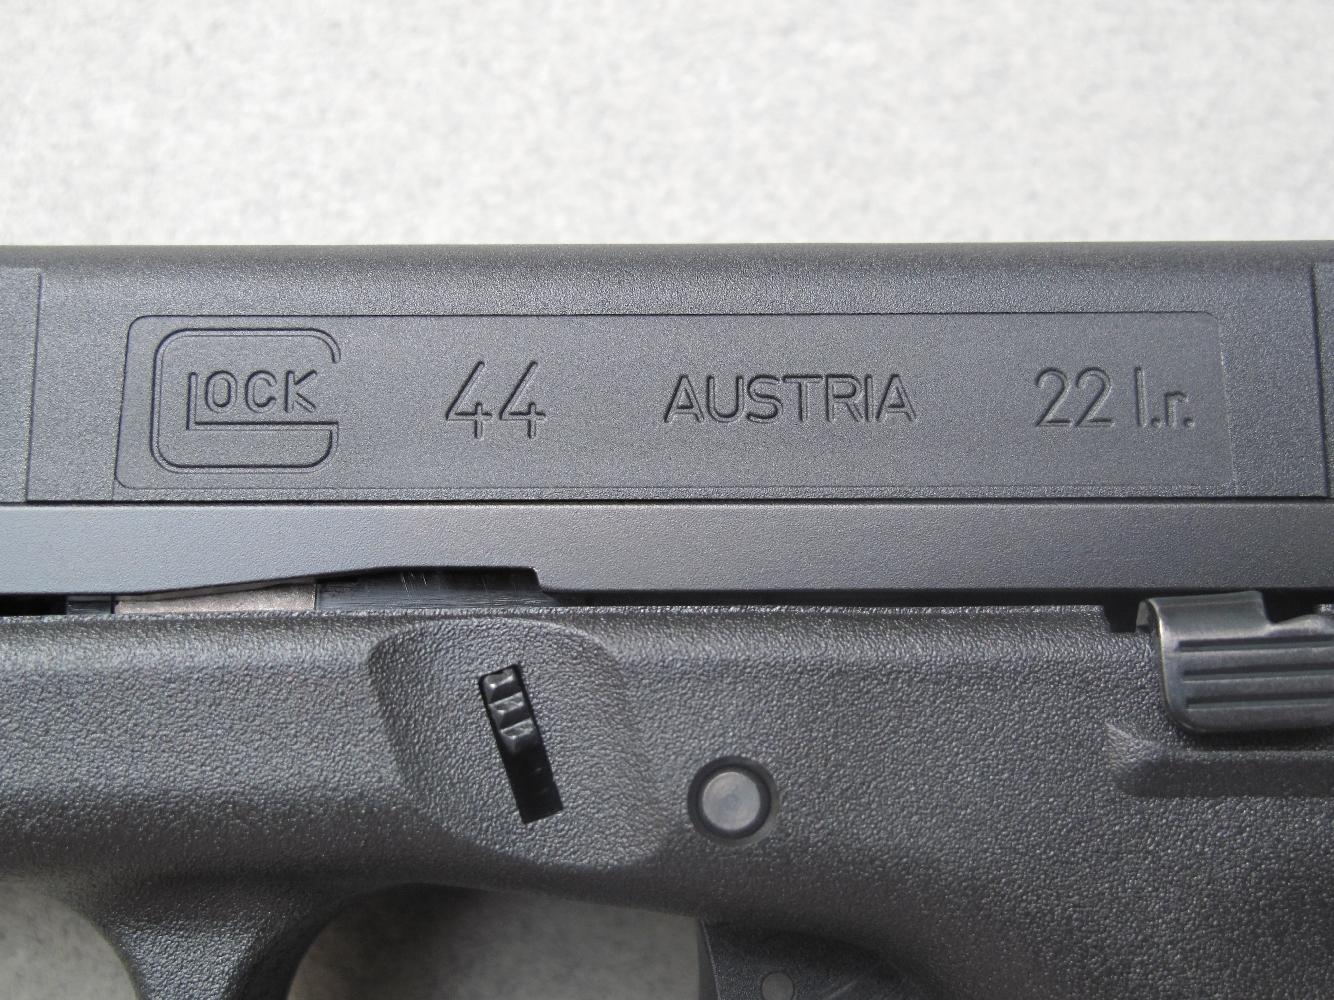 Les indications concernant le fabricant, le pays d'origine, le modèle et le calibre sont moulées dans le polymère de la culasse à glissière.